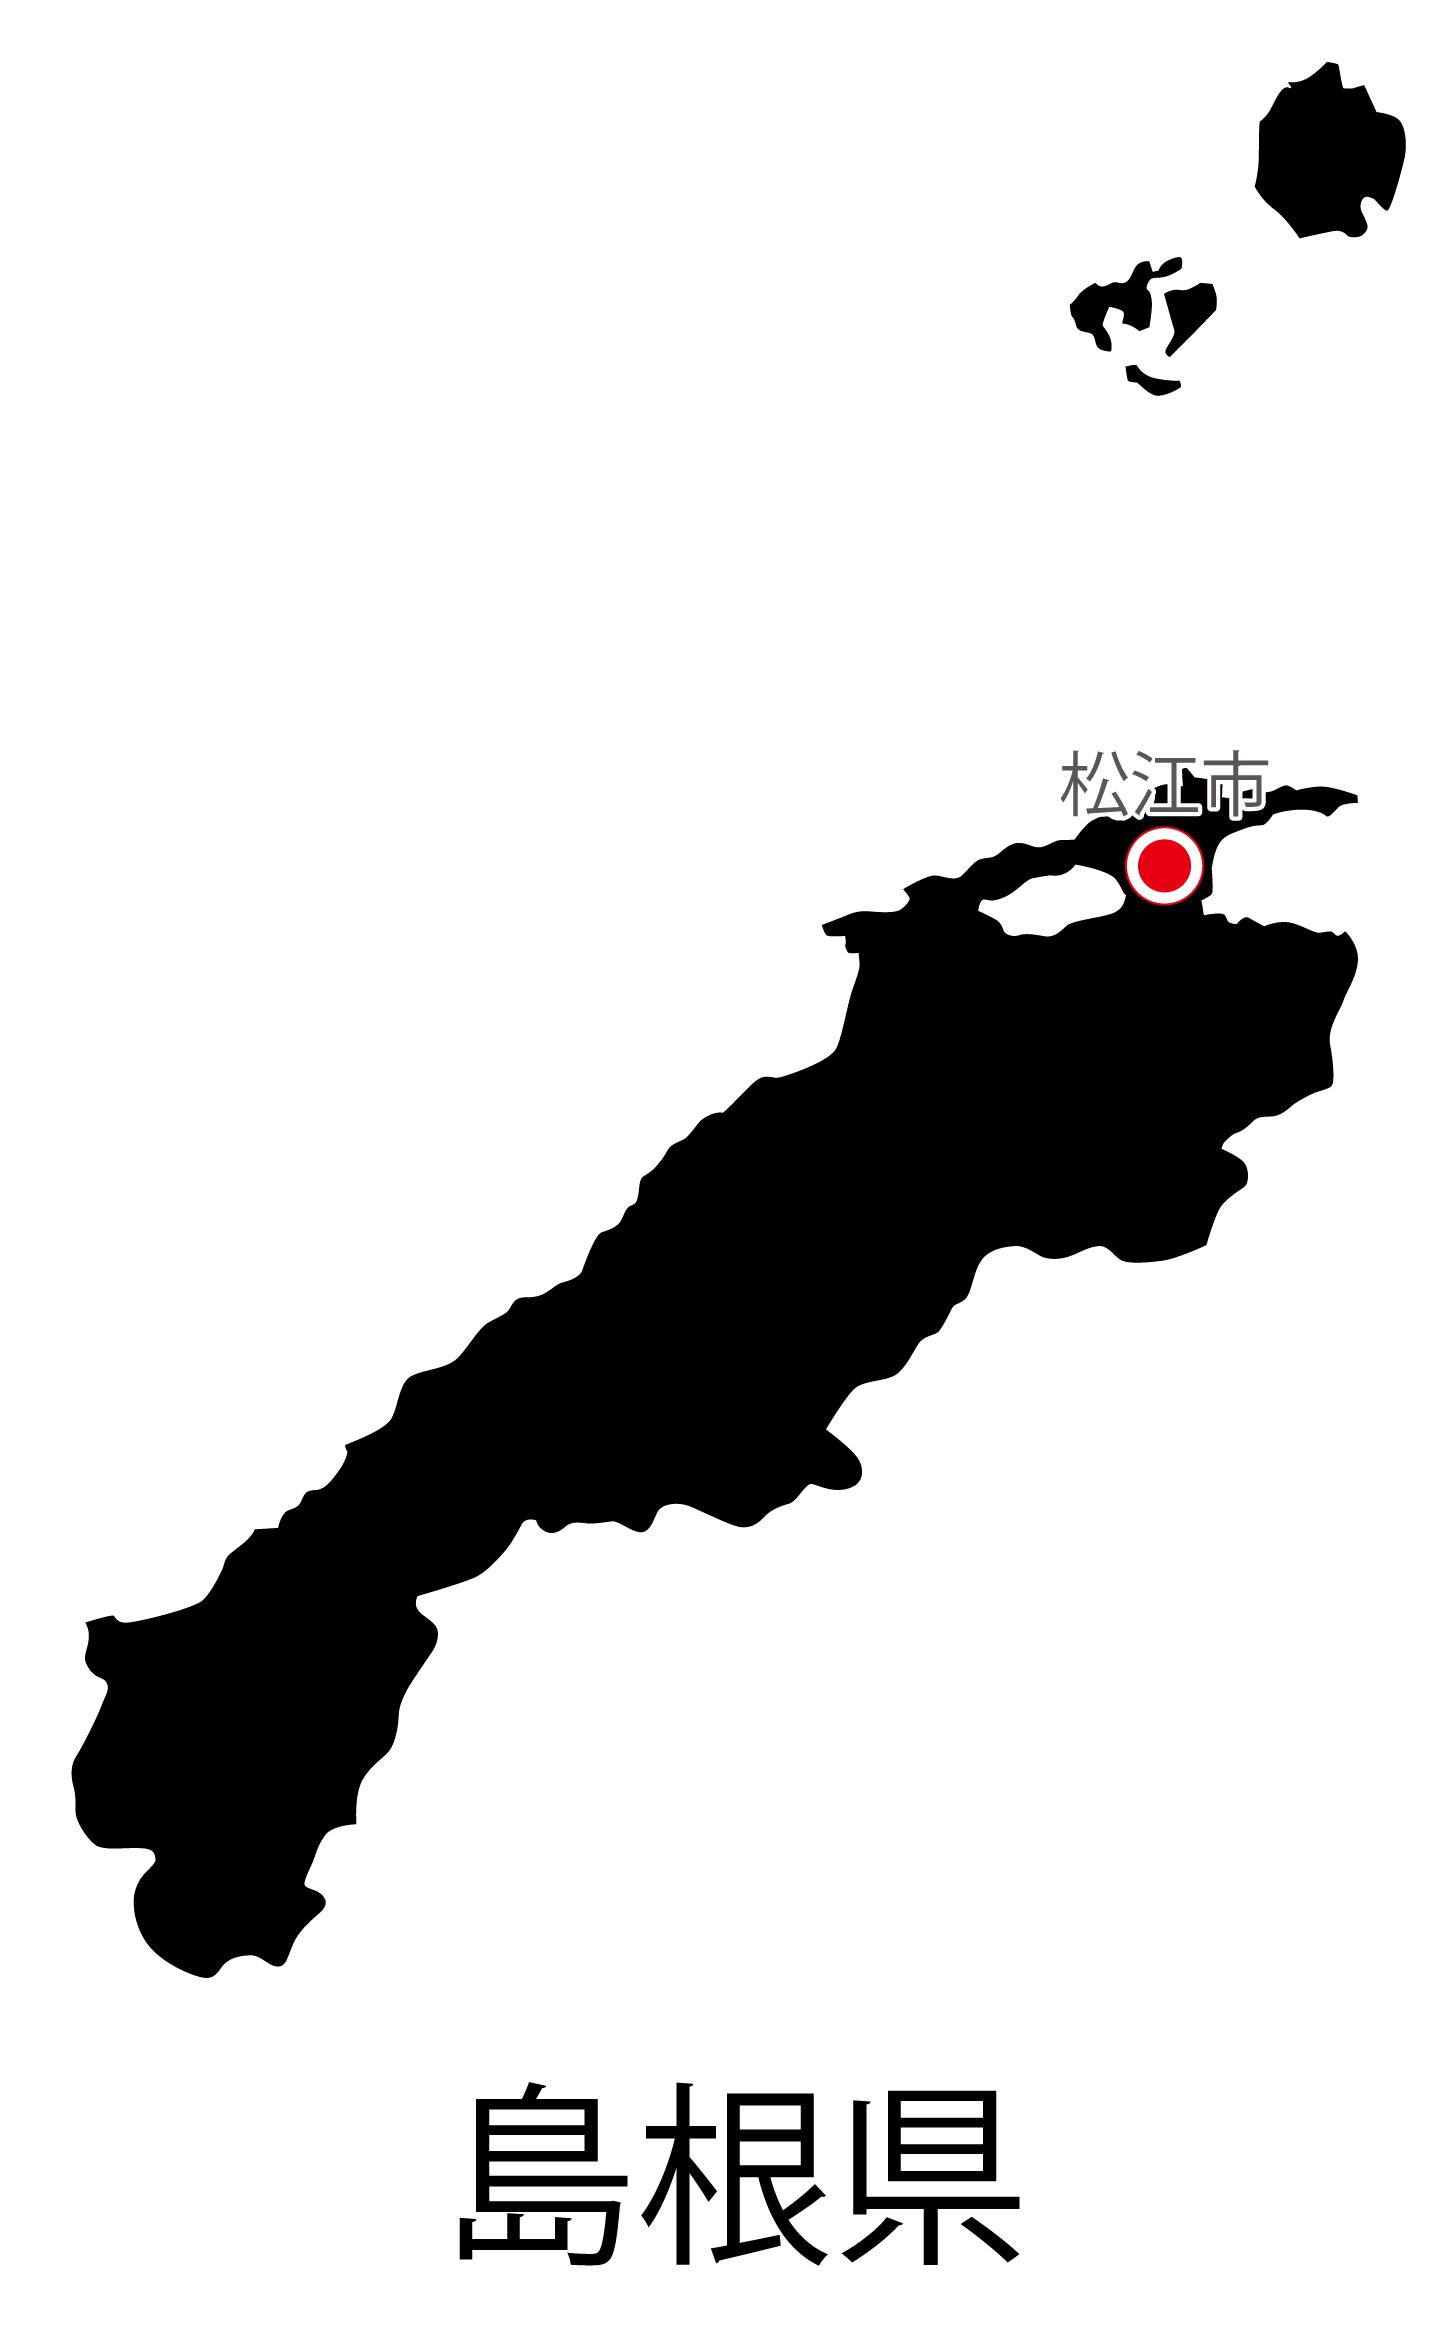 島根県無料フリーイラスト|日本語・都道府県名あり・県庁所在地あり(黒)